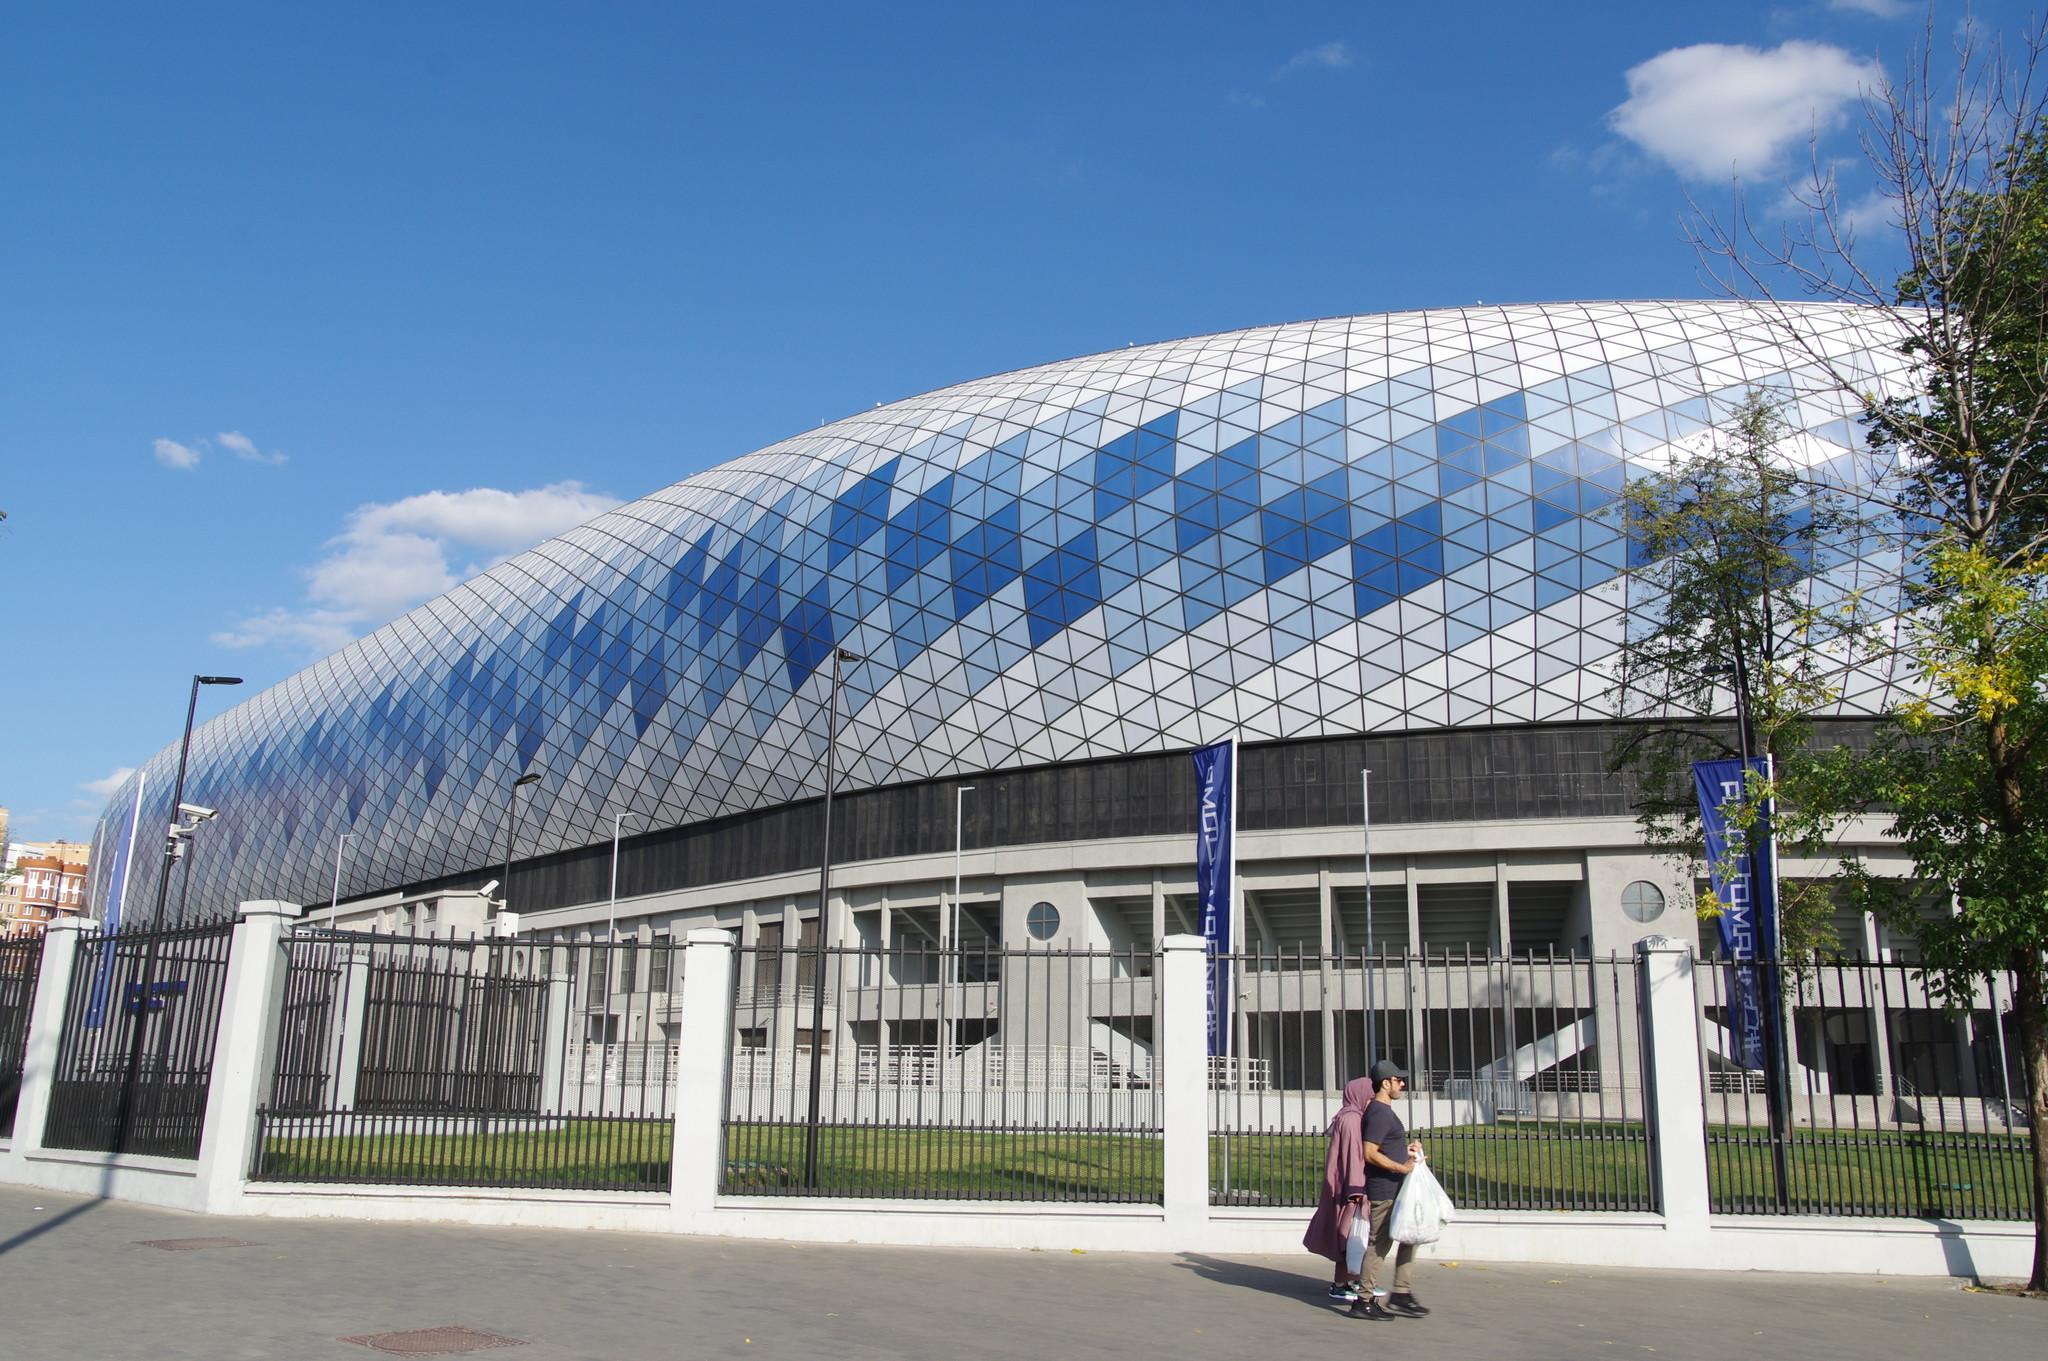 Стадион «ВТБ-Арена - Центральный стадион «Динамо» имени Льва Яшина»